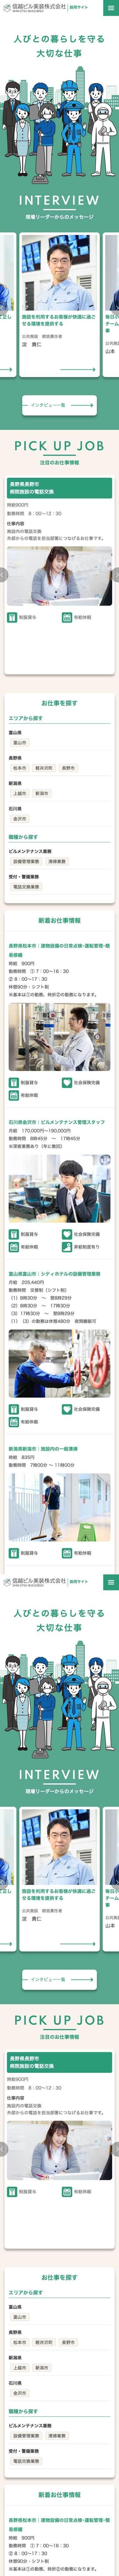 信越ビル美装株式会社 様 採用サイトspイメージ